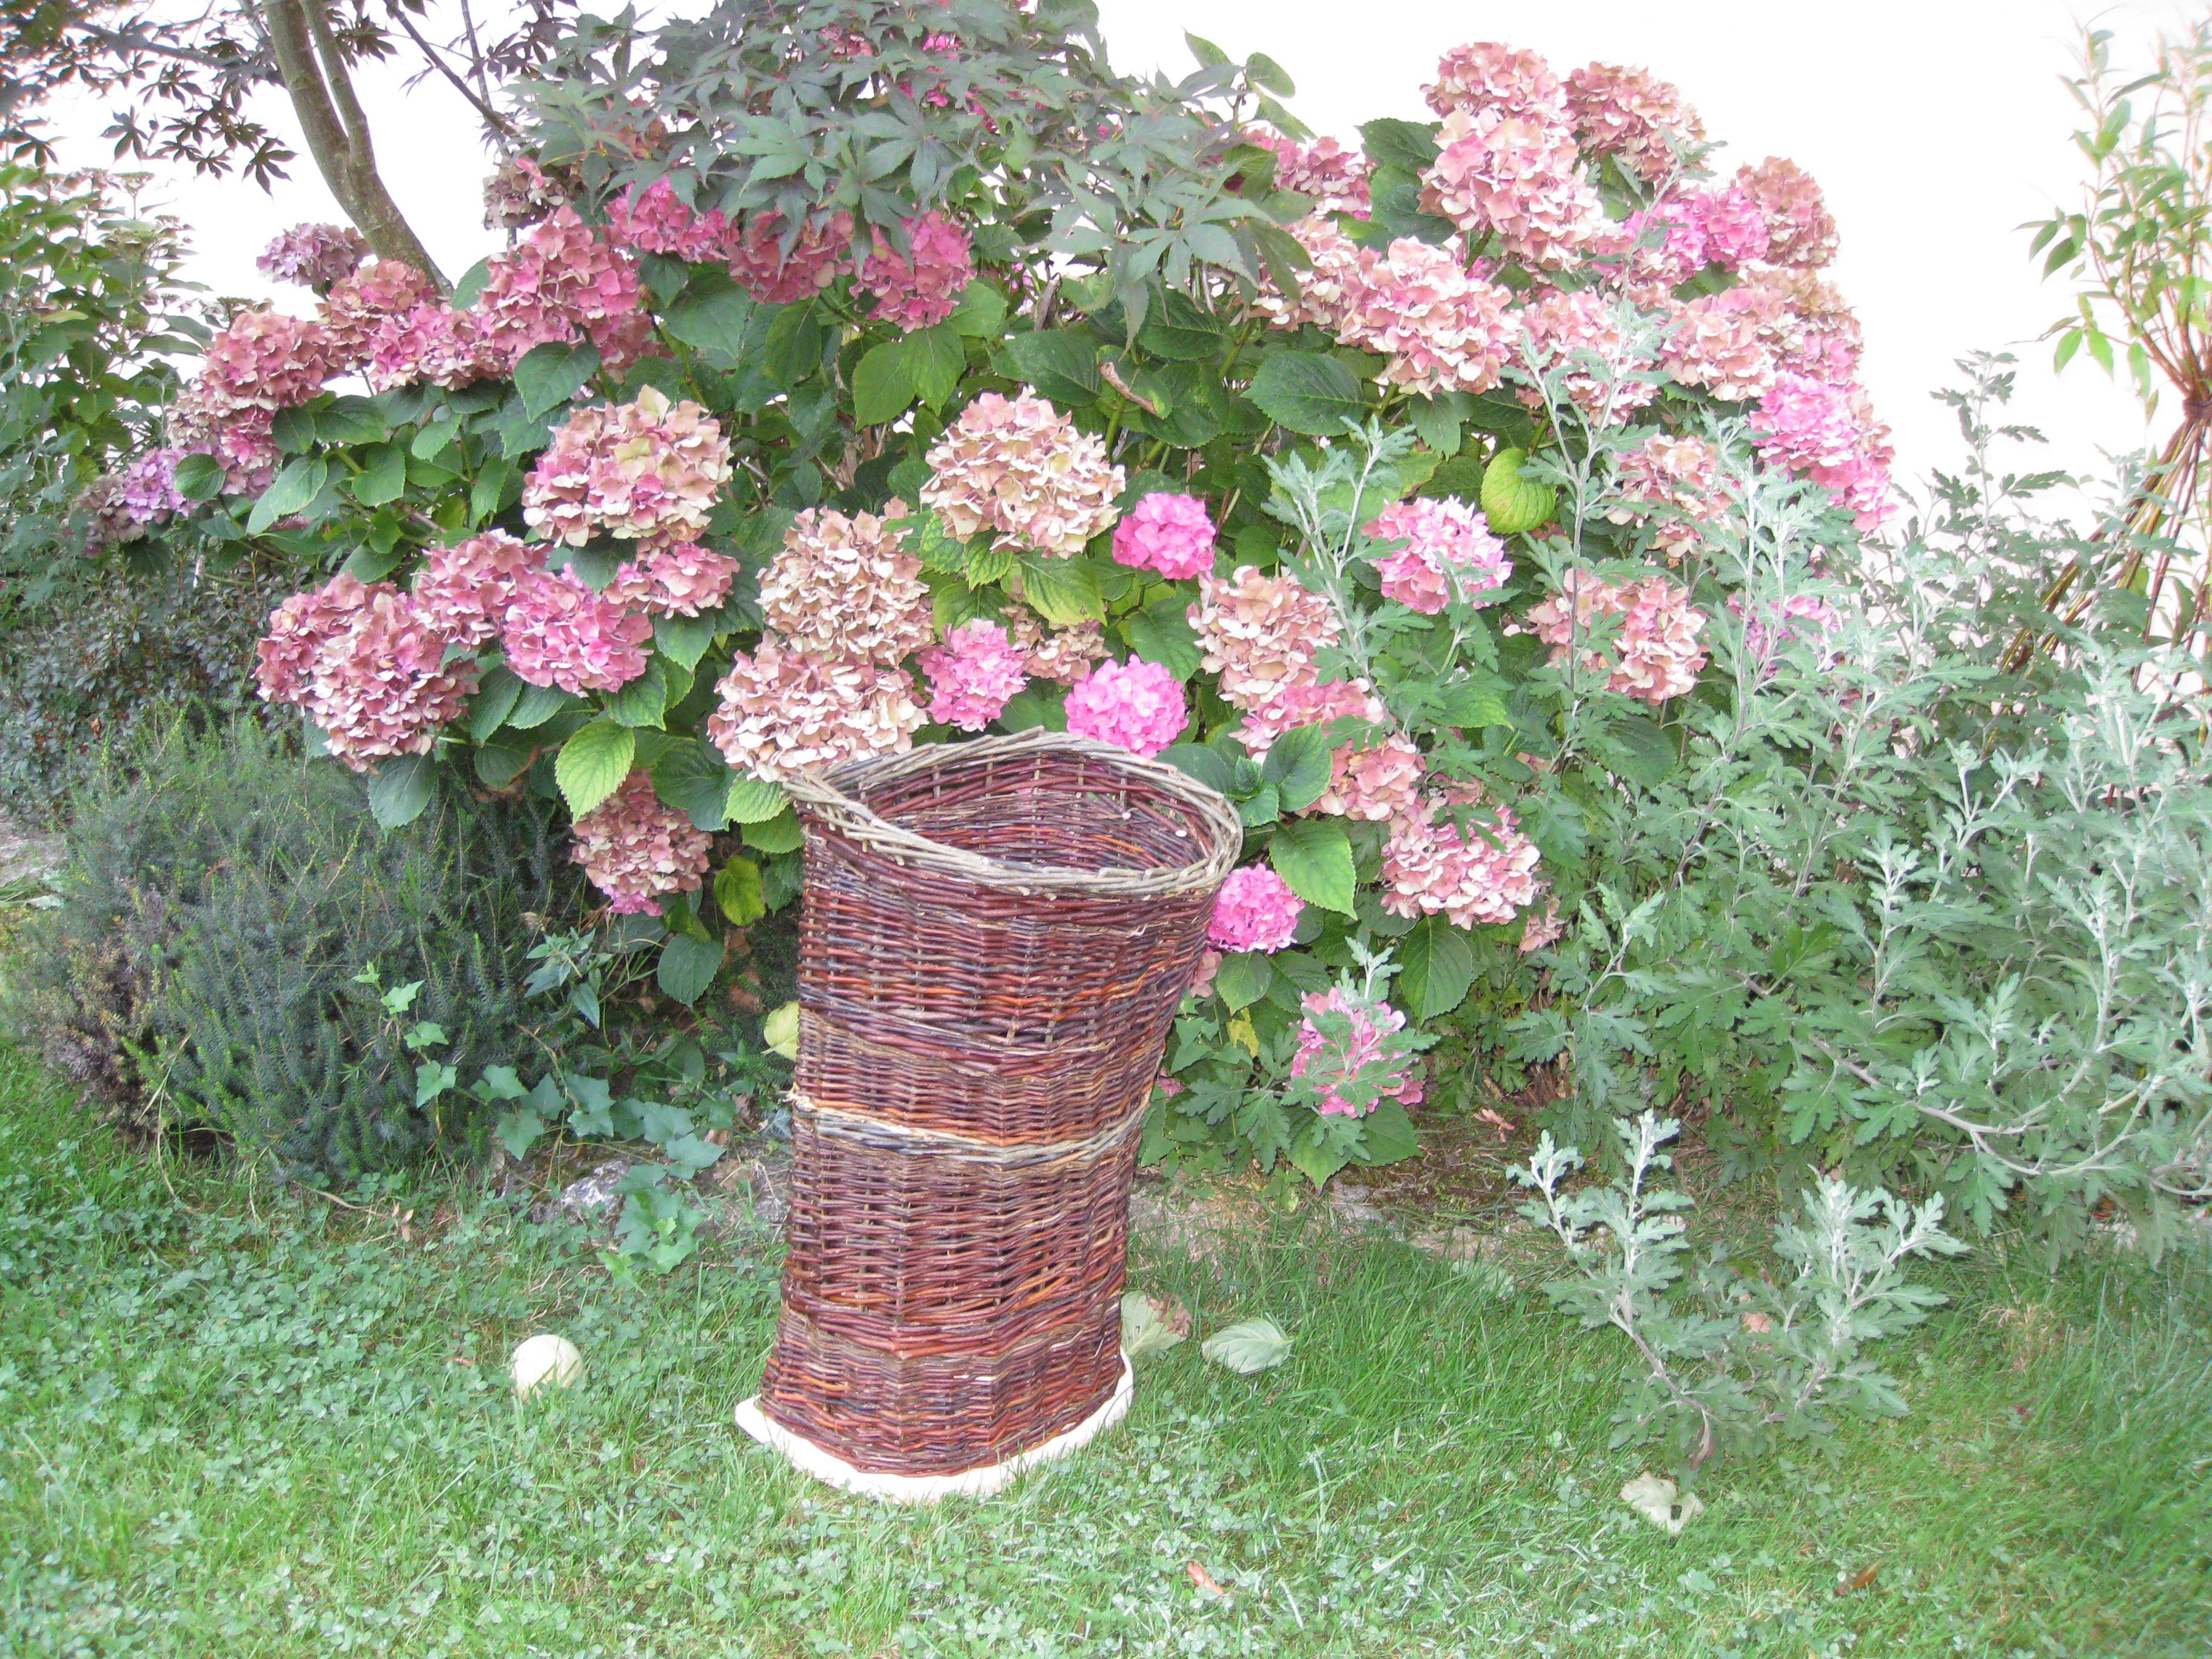 ma hotte utilisée pour récolter des végétaux à tisser